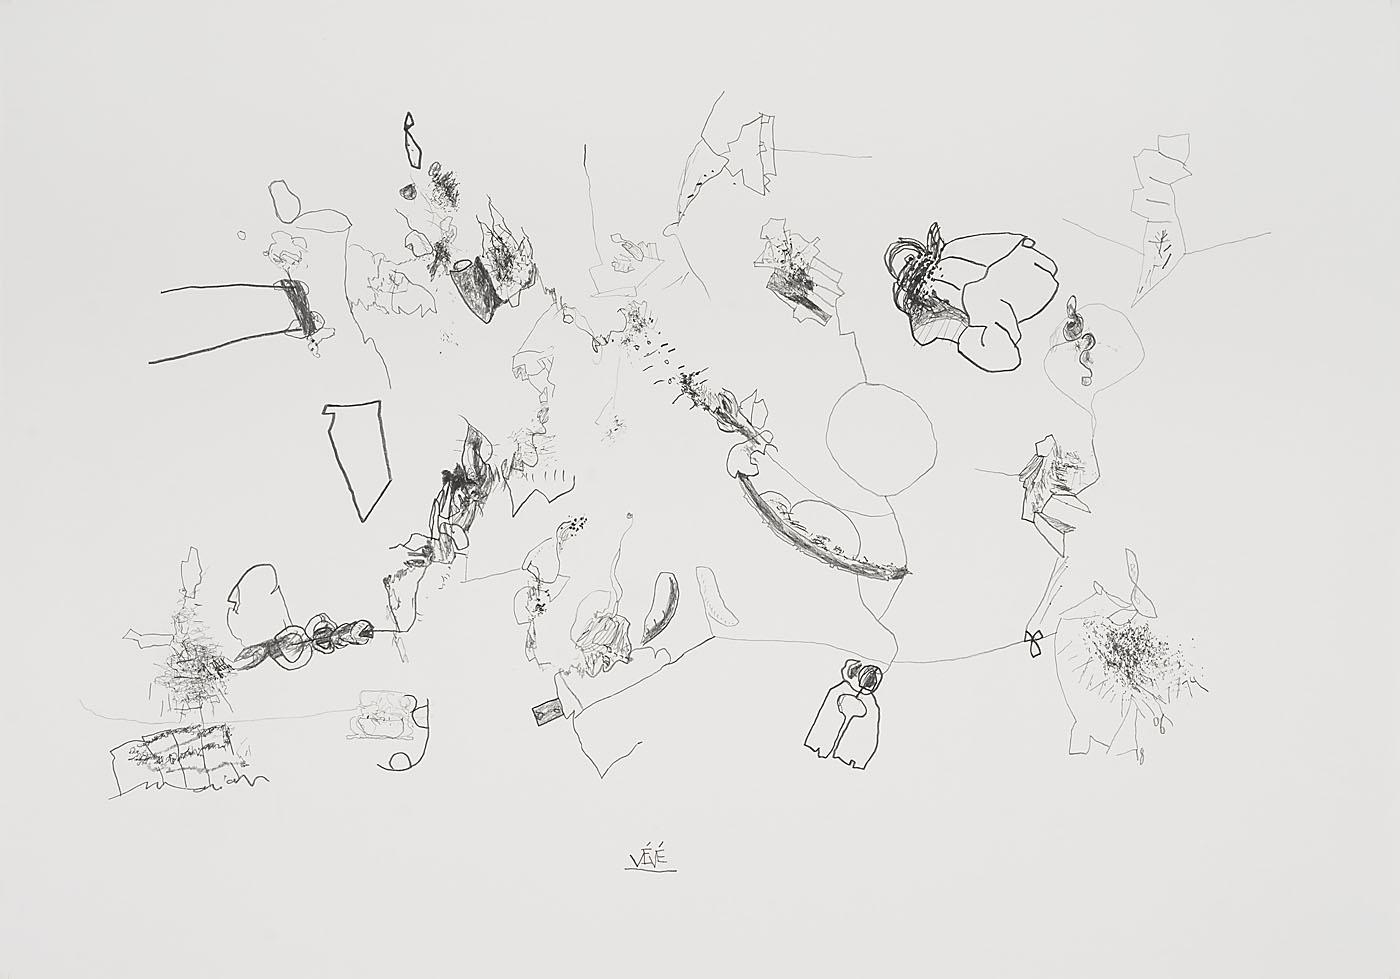 Seismografische Komposition 18 06 14 / Bleistift auf Papier / 59,4 x 84,1 cm